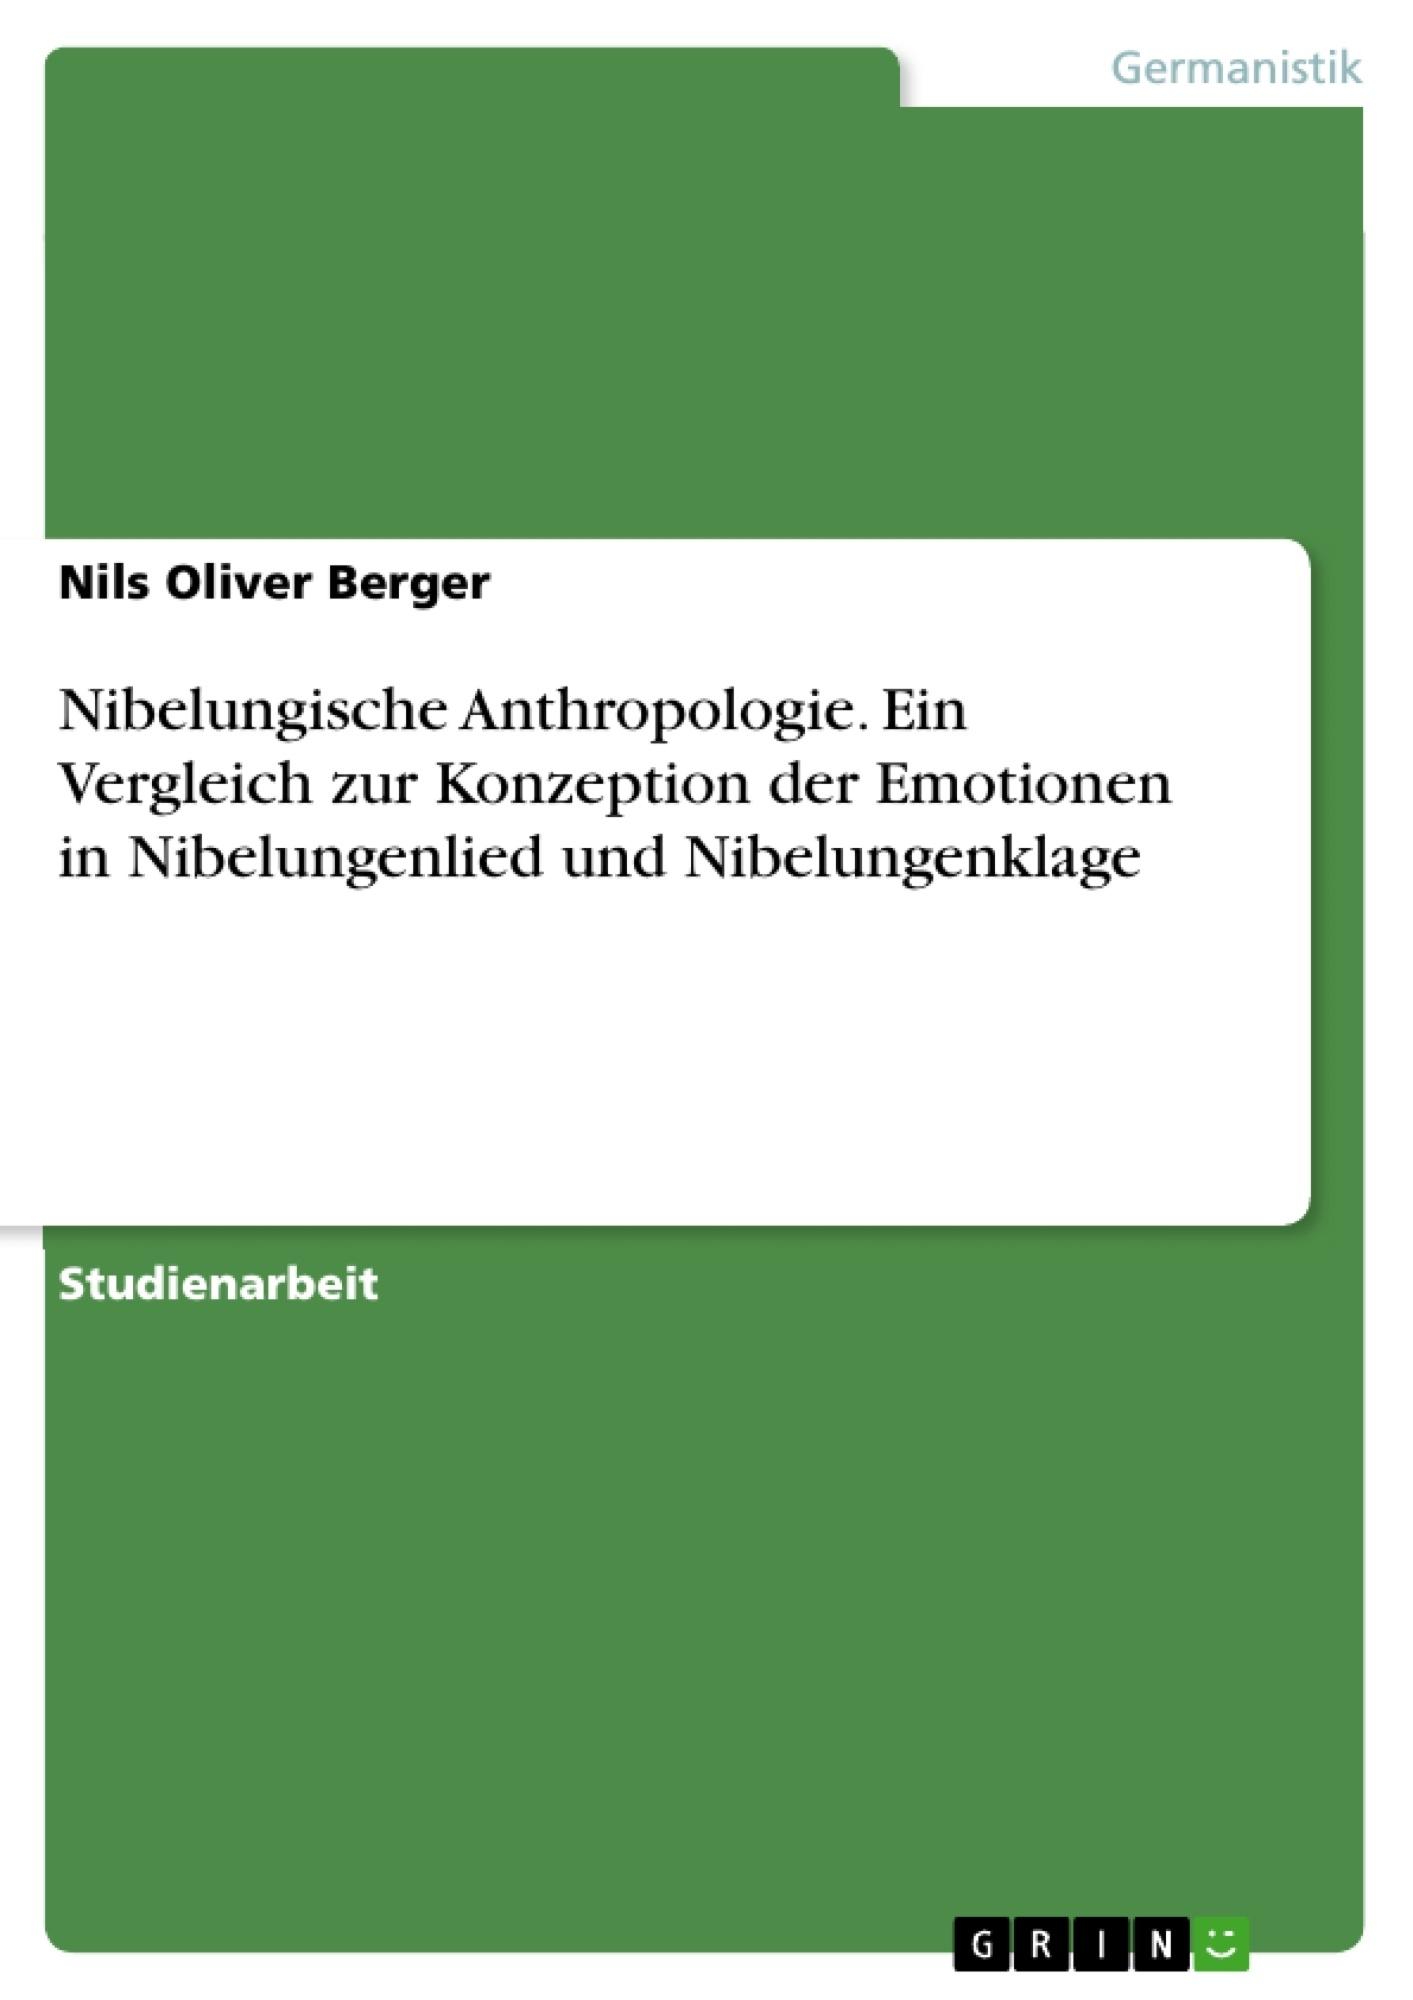 Titel: Nibelungische Anthropologie. Ein Vergleich zur  Konzeption der Emotionen in Nibelungenlied und Nibelungenklage